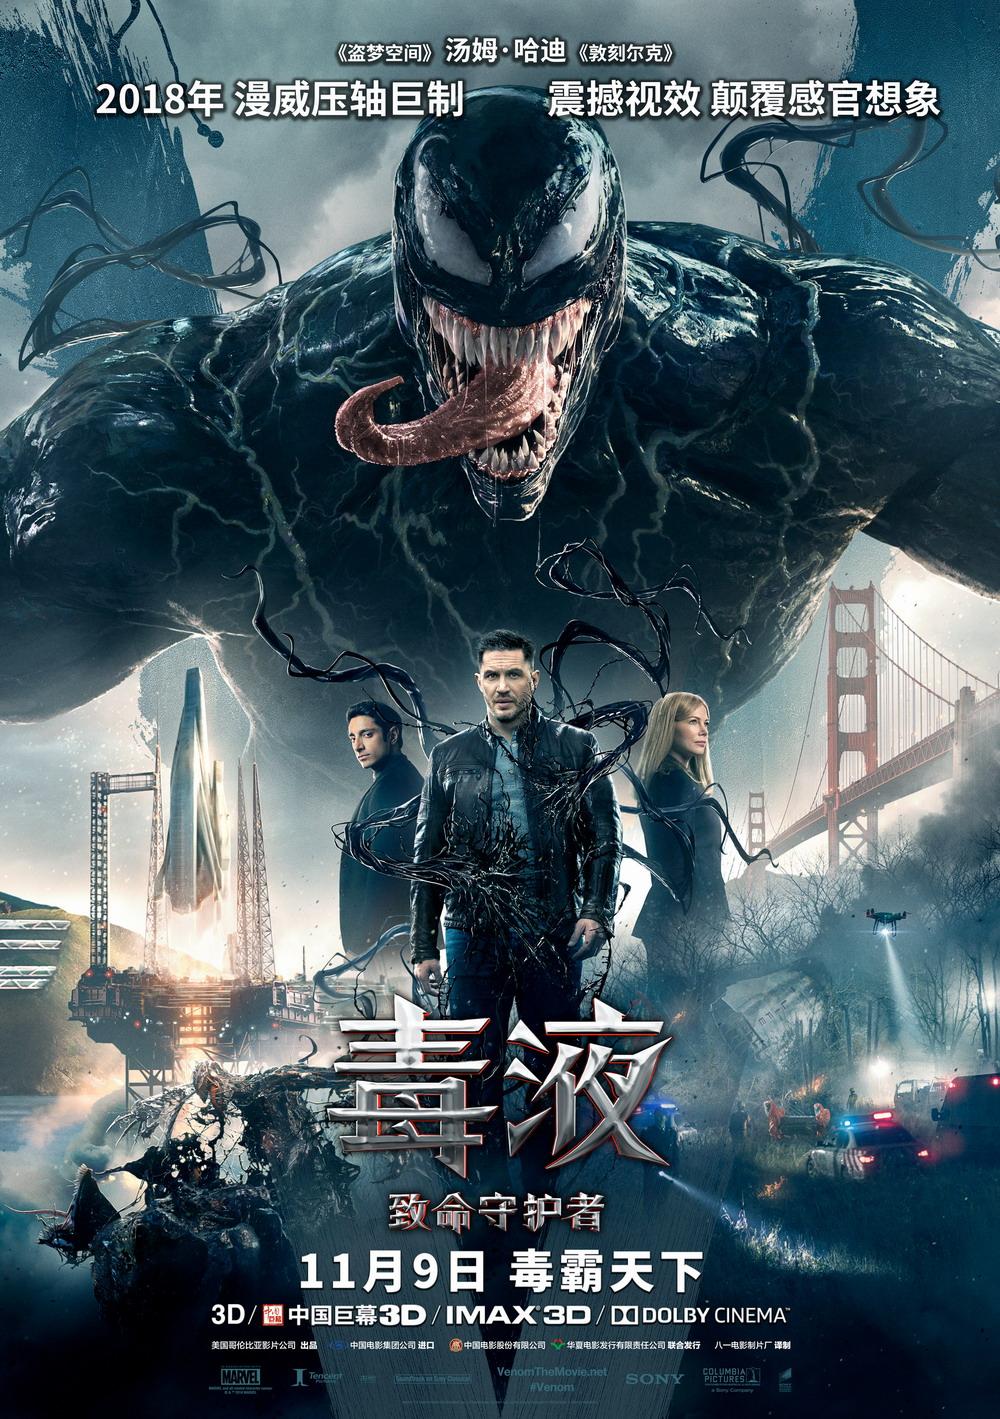 索尼宣布《毒液》内地定档11月9日 腾讯参投高达25%